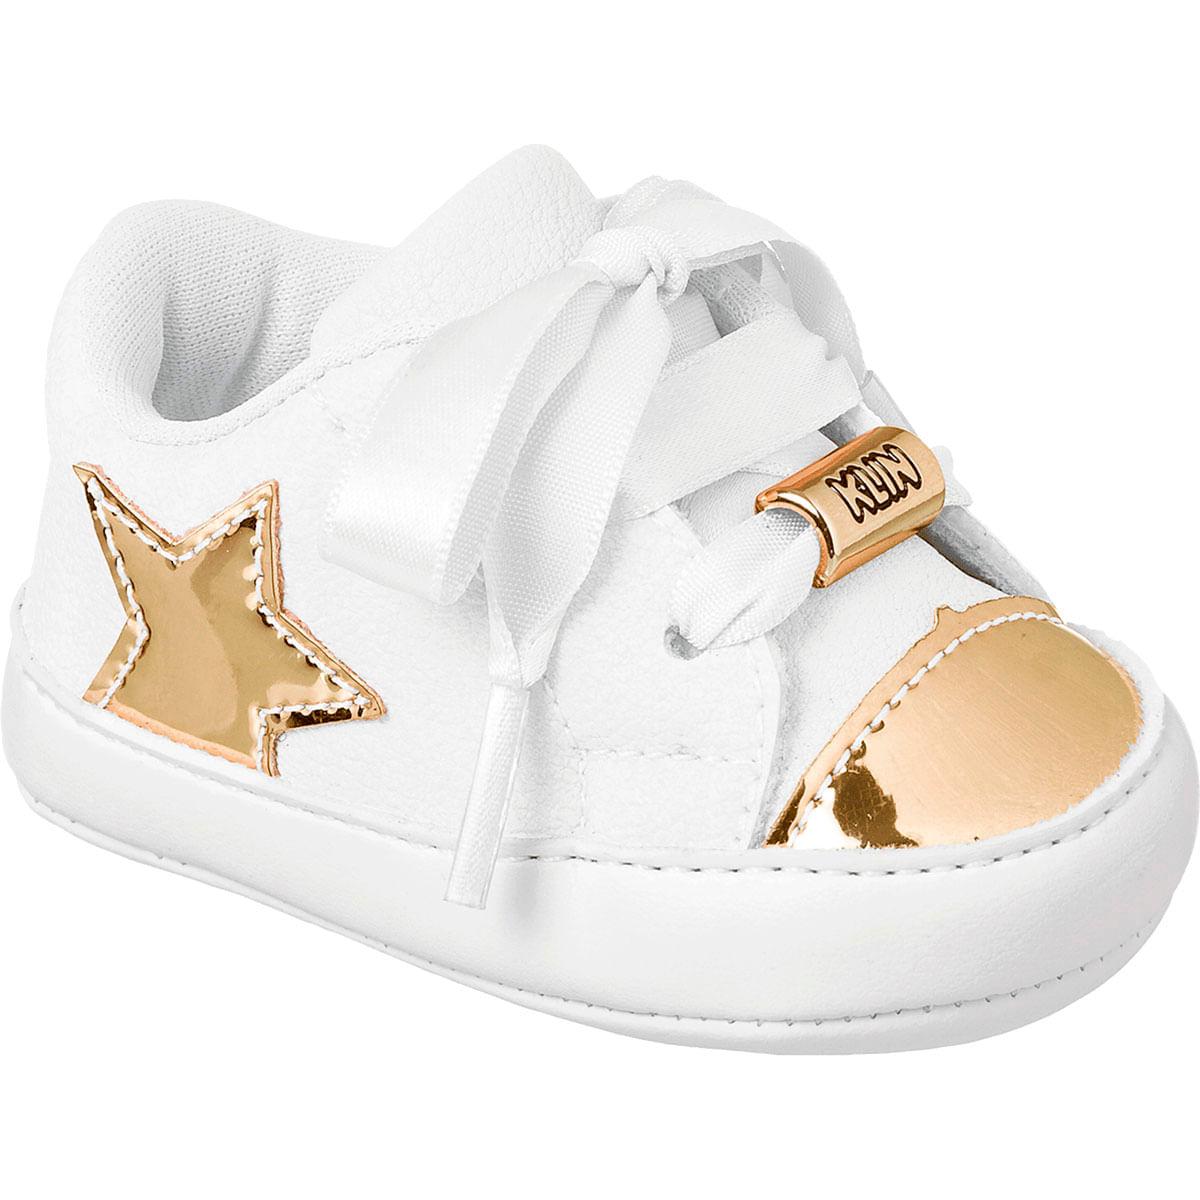 2e3129e8d9 Tênis para bebê Gold Stars - Klin no Bebefacil sua loja de calçados para  bebês - bebefacil